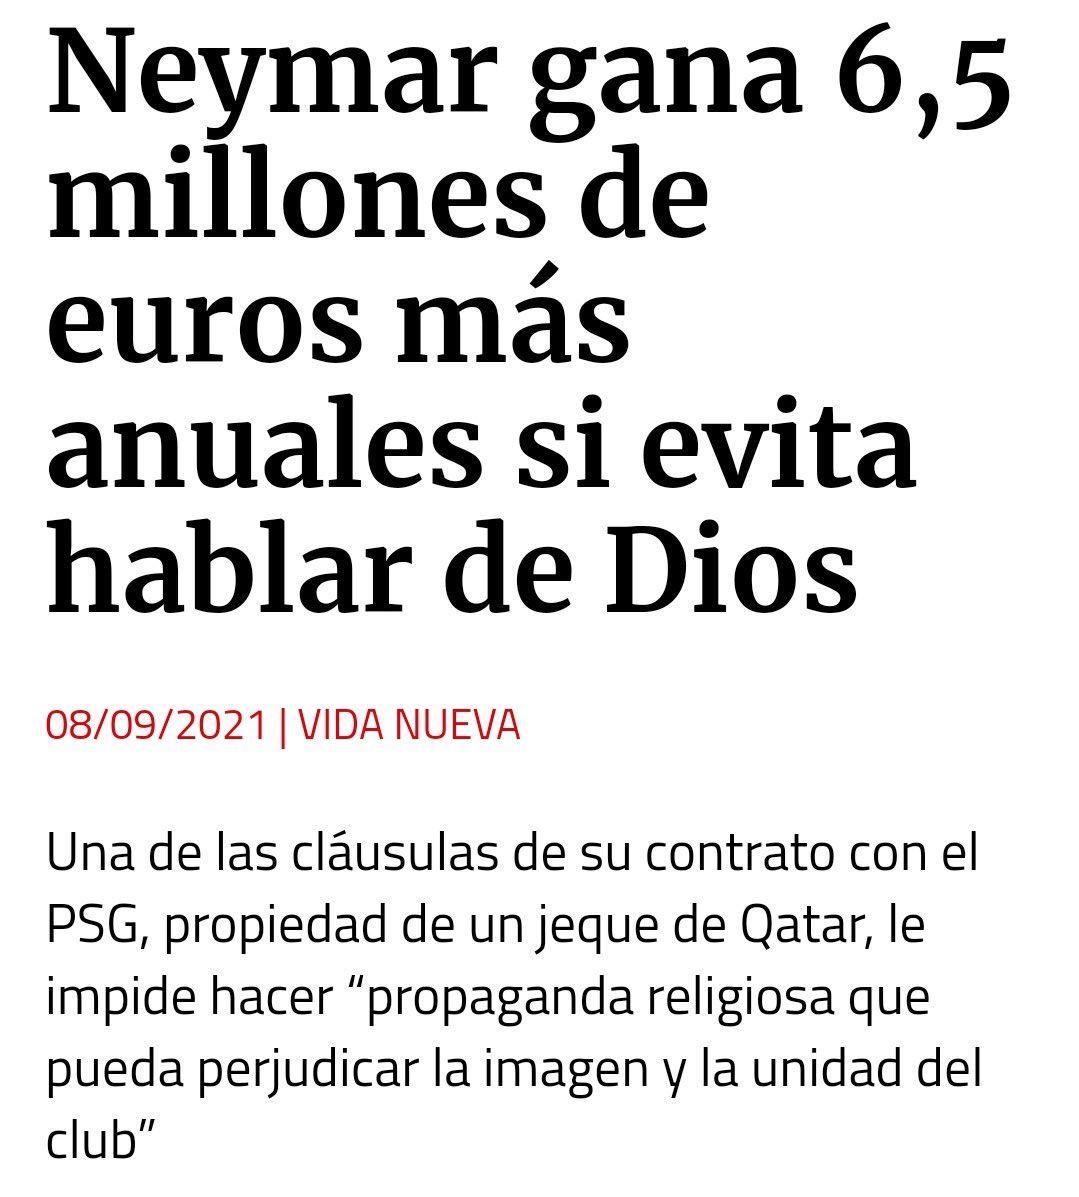 AVARICIA: 6,5 millones por cometer un pecado.